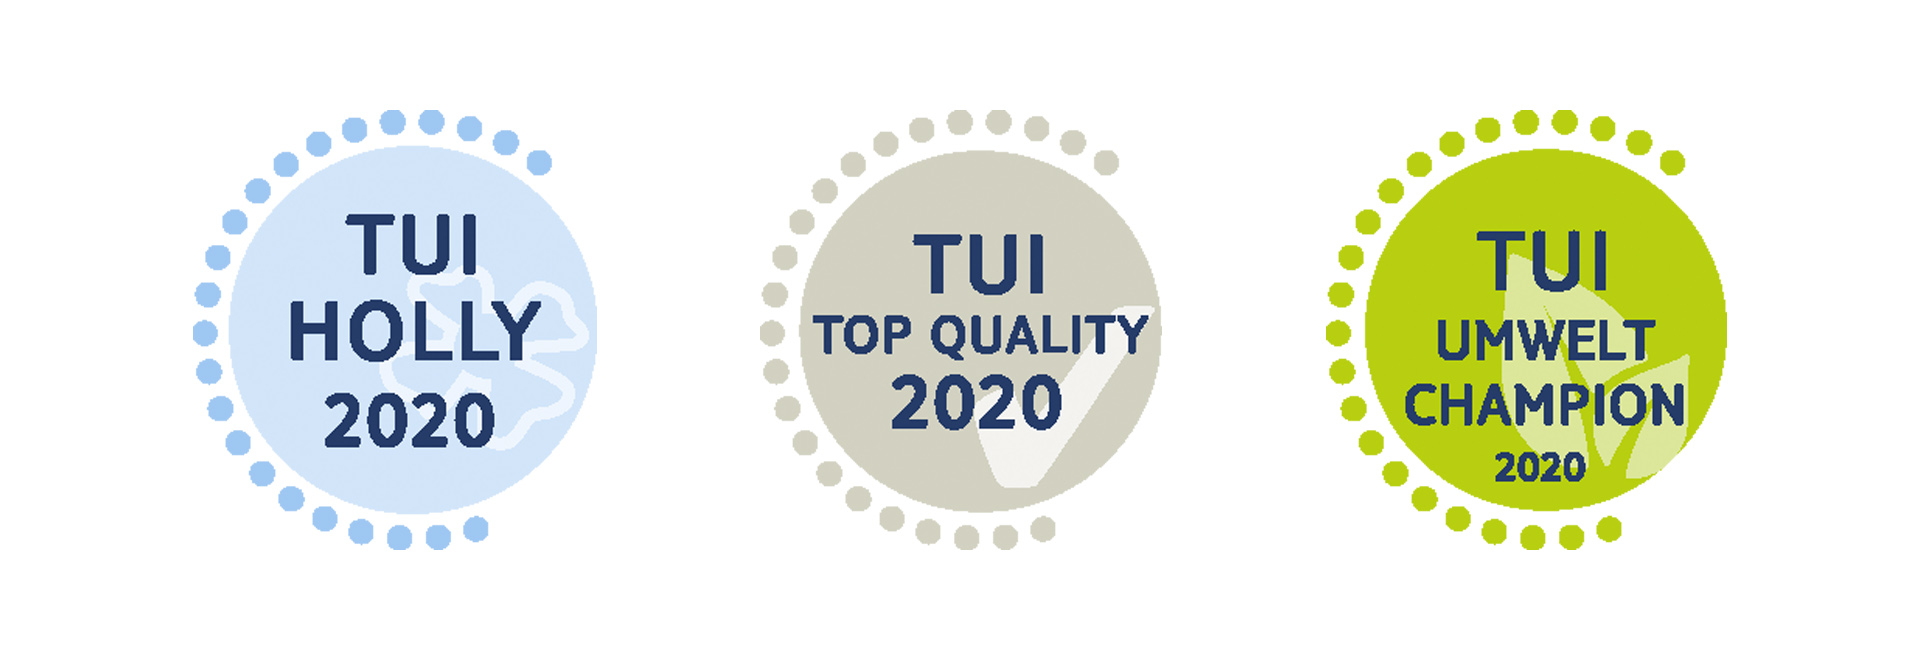 Premios TUI Holly 2020